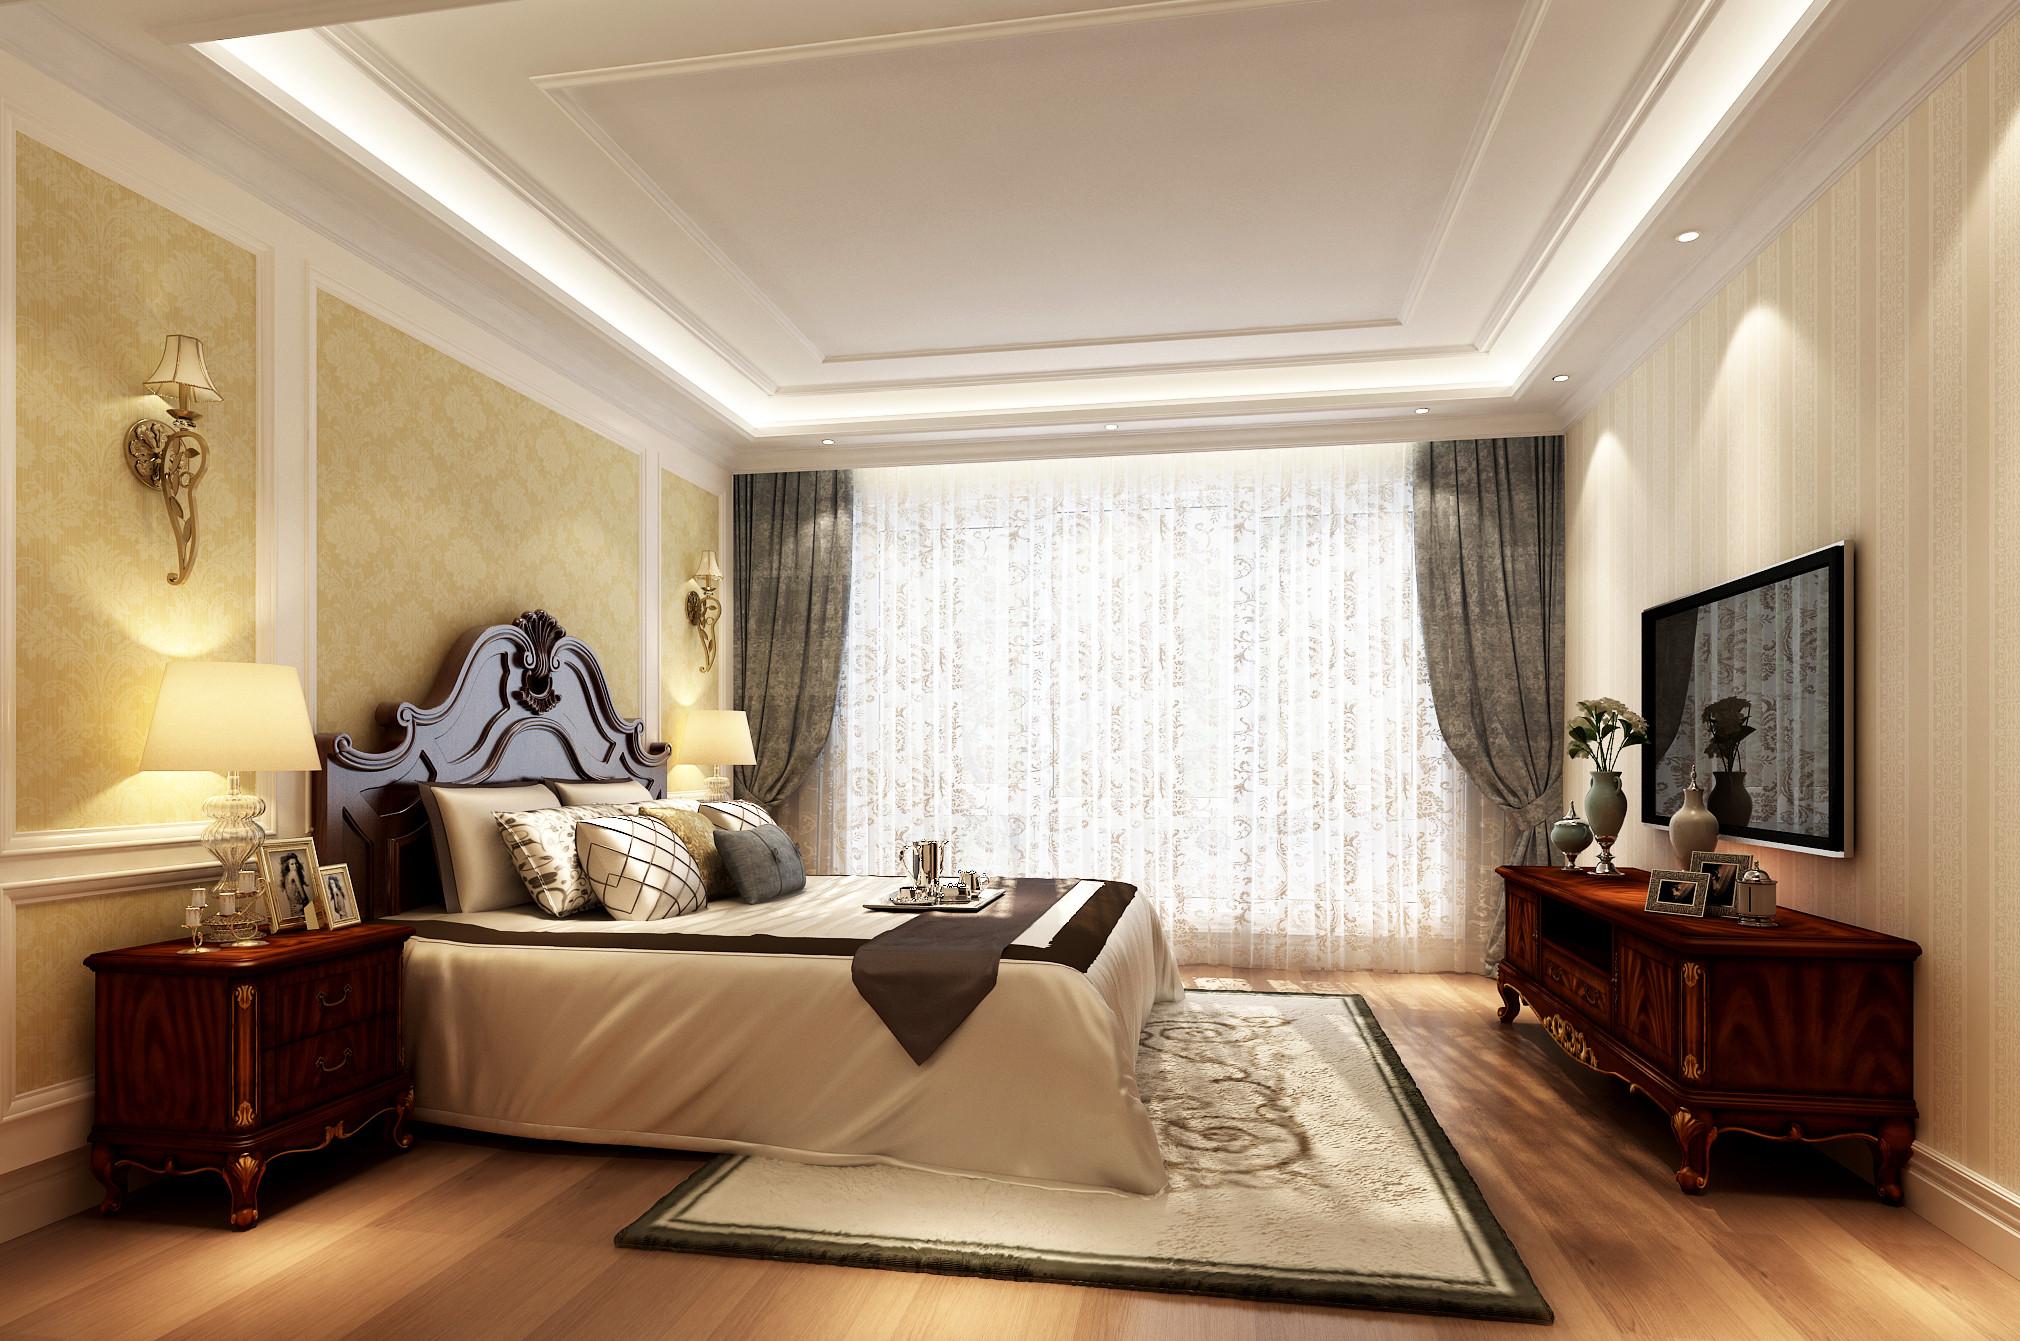 古典中美式混搭装修客卧设计图